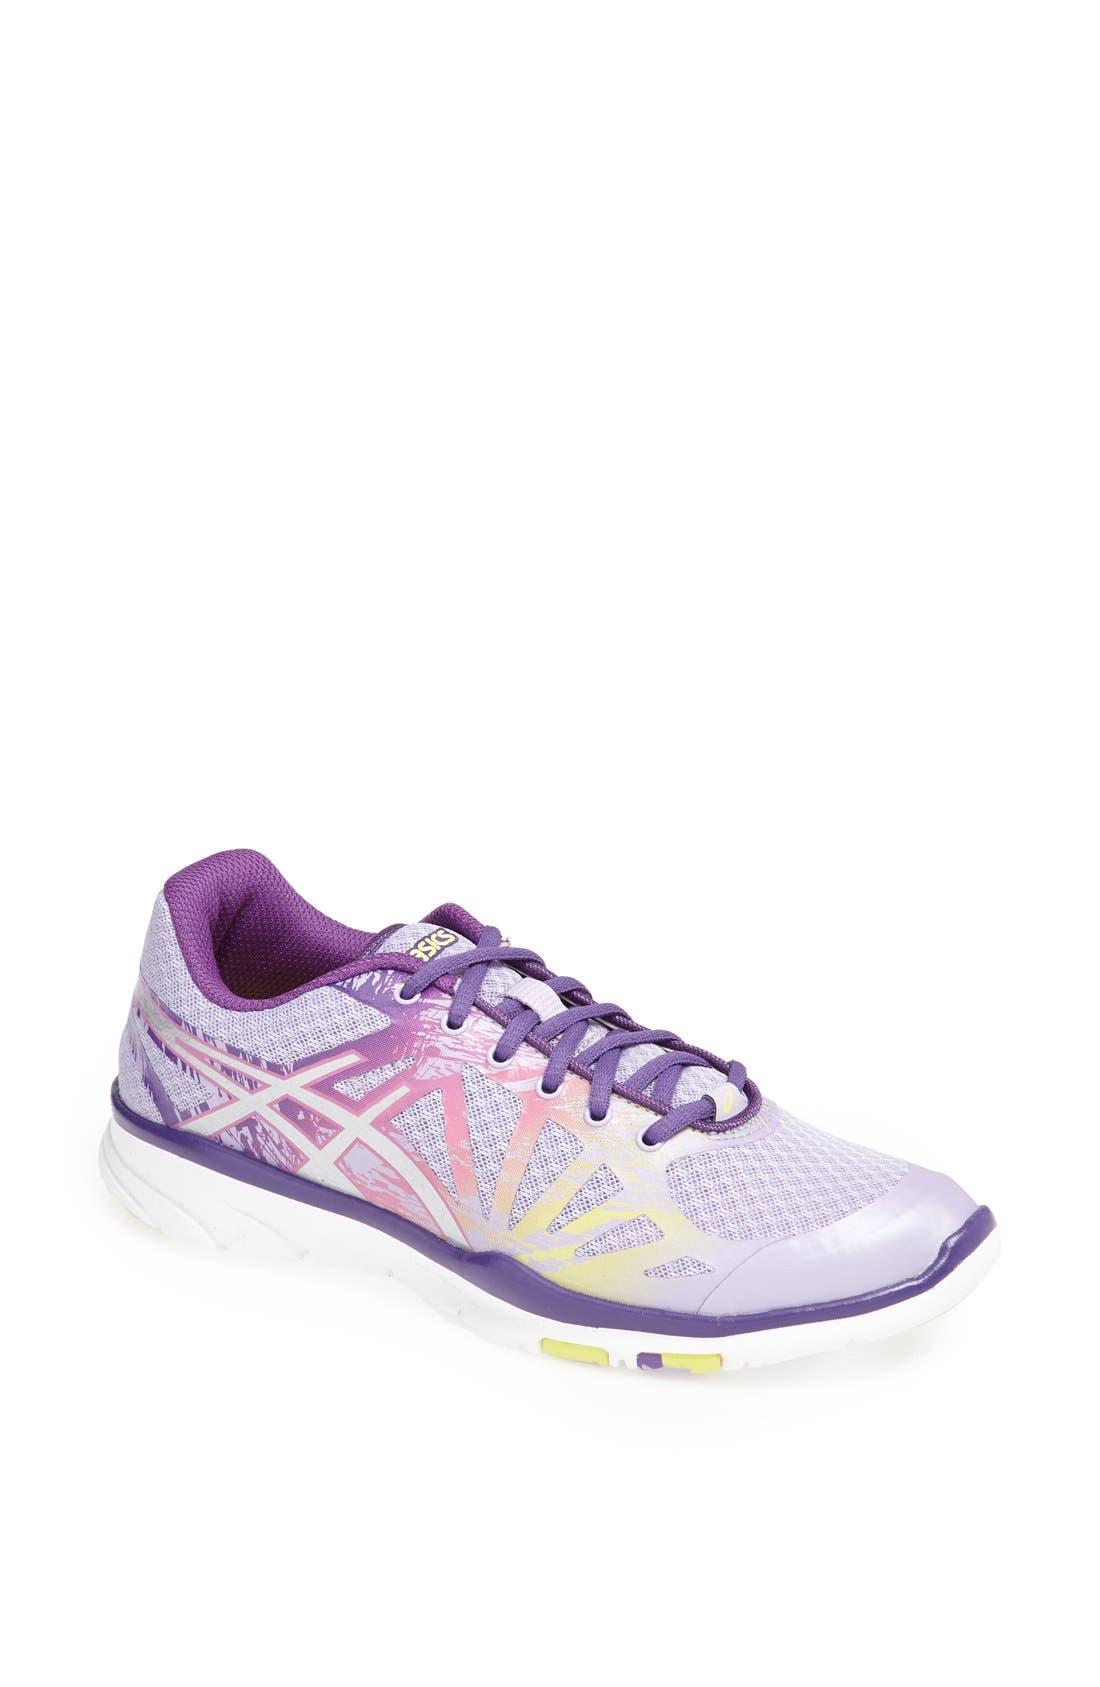 Alternate Image 1 Selected - ASICS® GEL-Harmony™ 2' Training Shoe (Women)